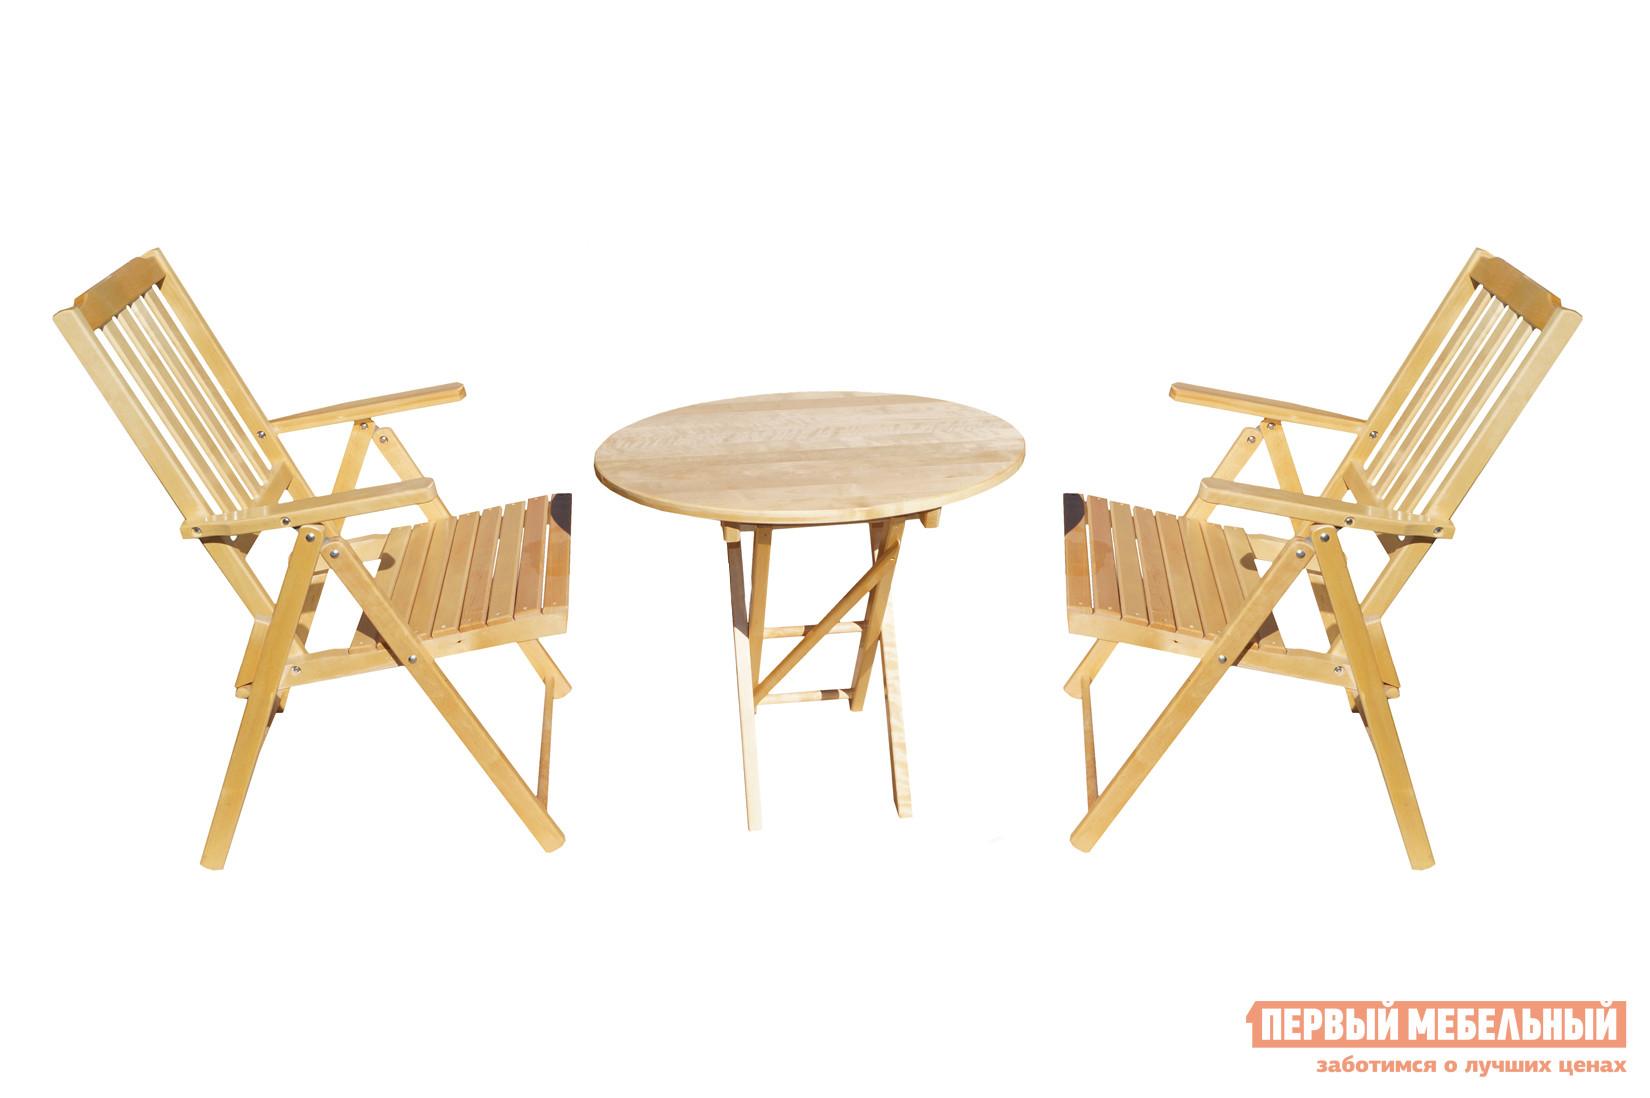 Комплект садовой мебели СМКА СМ012Б + СМ047Б Береза от Купистол